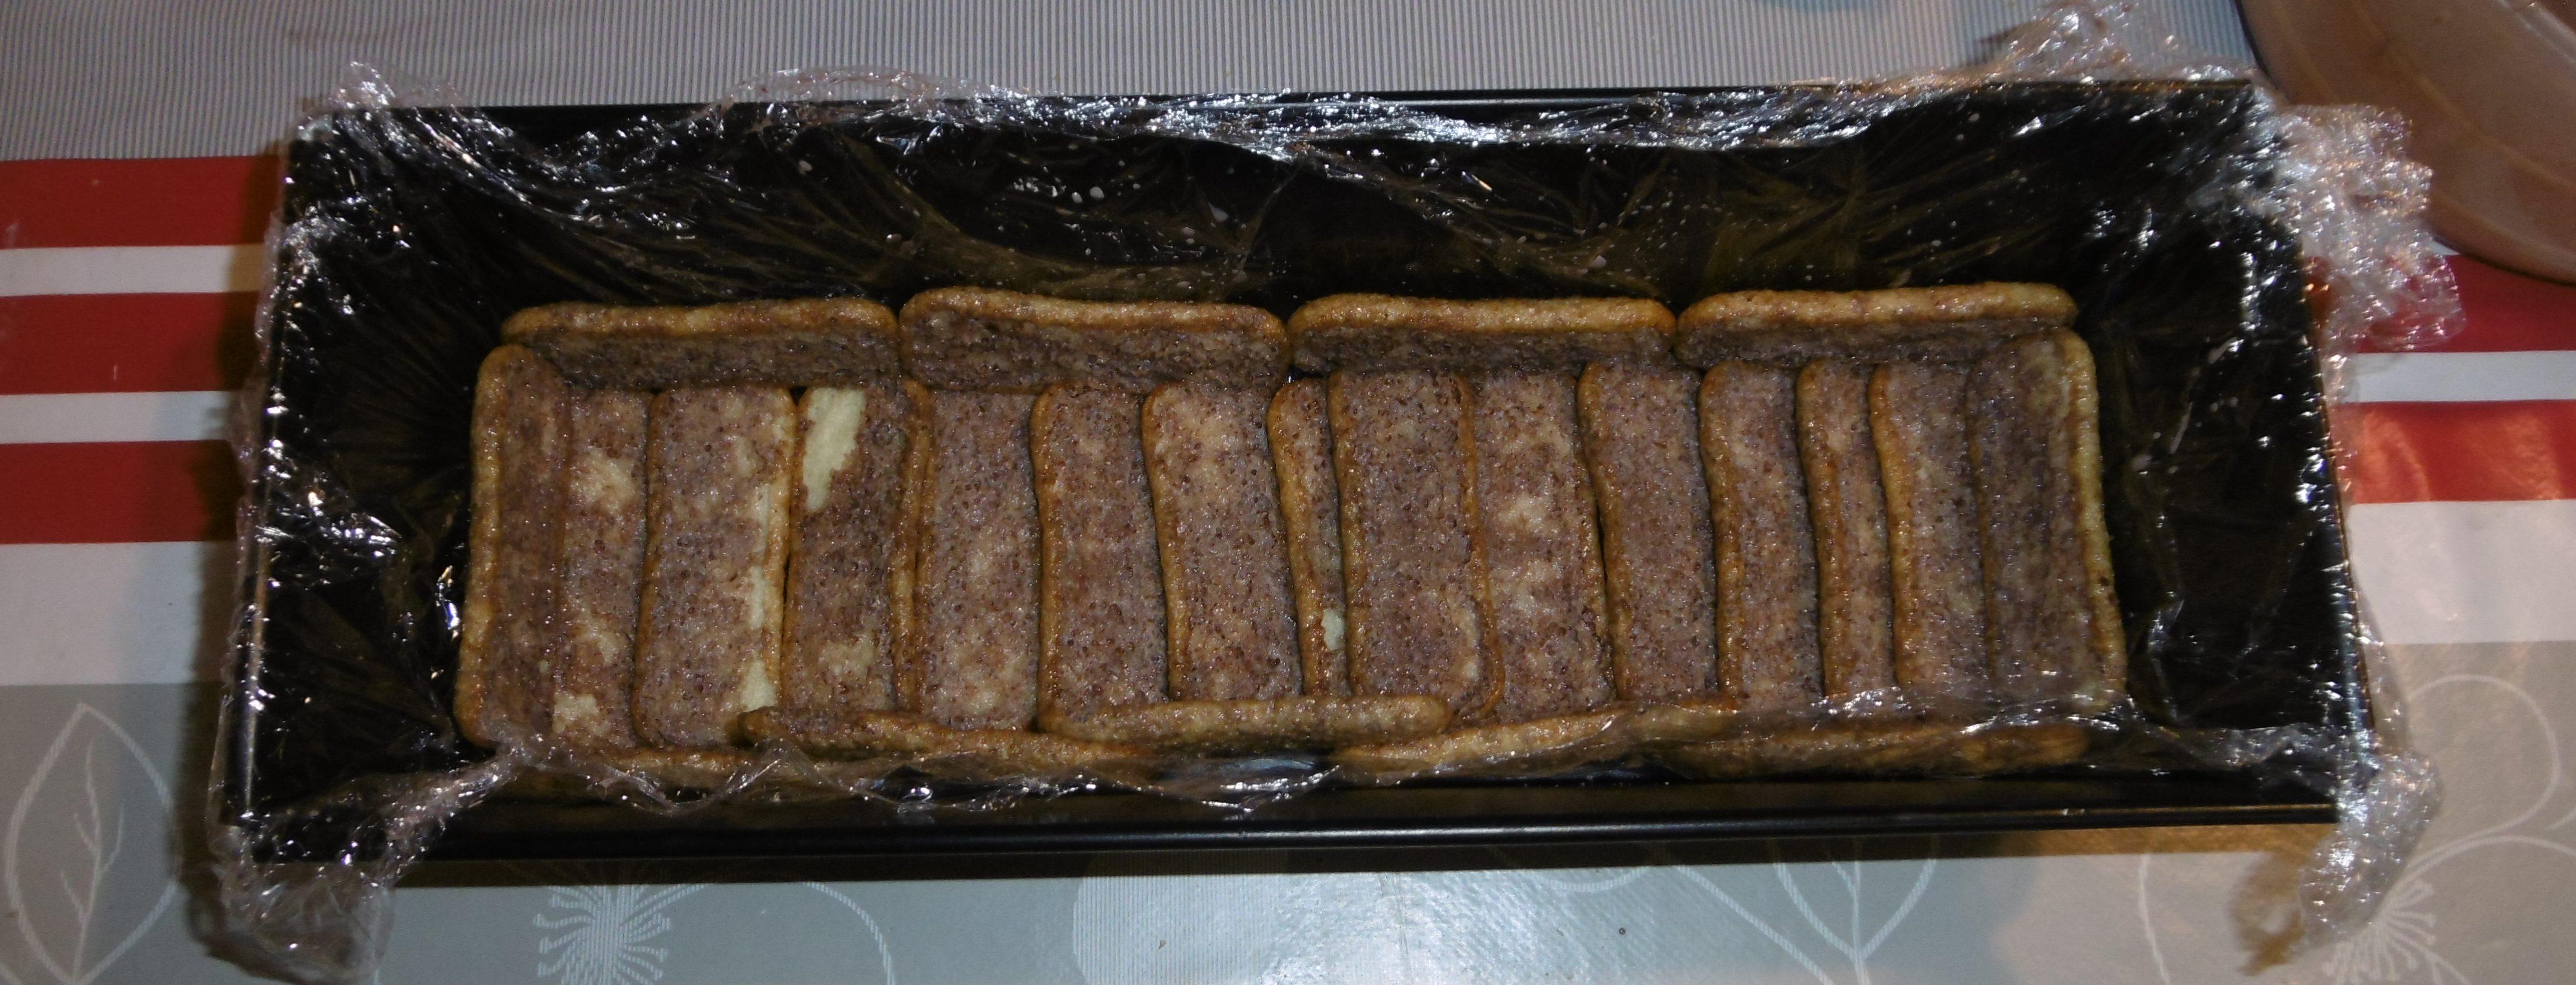 Semifreddo con pavesini, mascarpone e crema pan di stelle - Pavesini in teglia